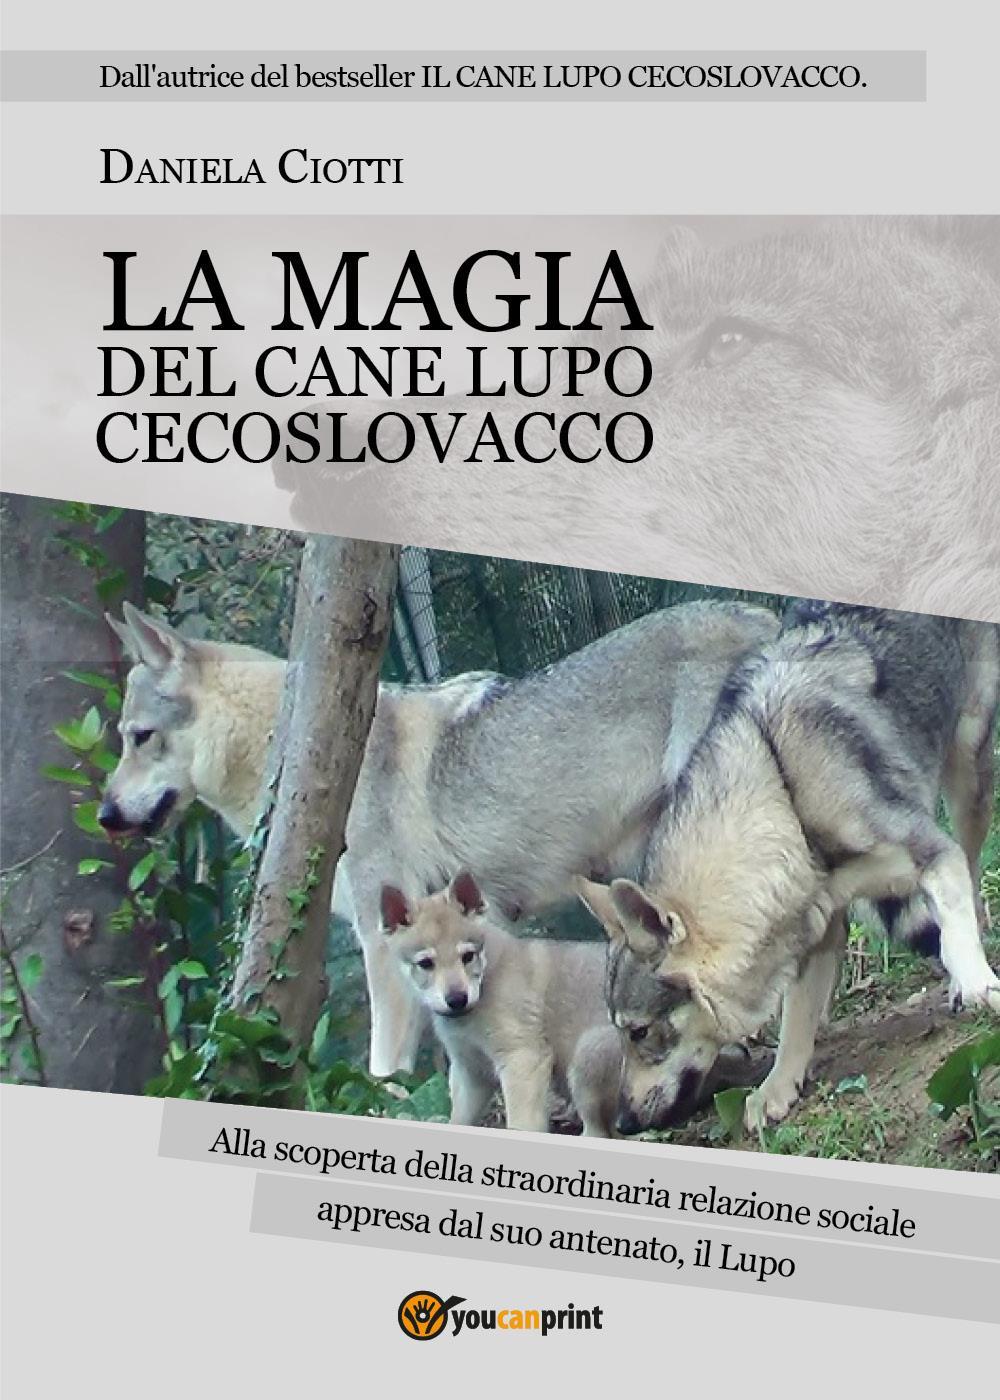 LA MAGIA DEL CANE LUPO CECOSLOVACCO - alla scoperta della straordinaria relazione sociale appresa dal suo antenato, il lupo